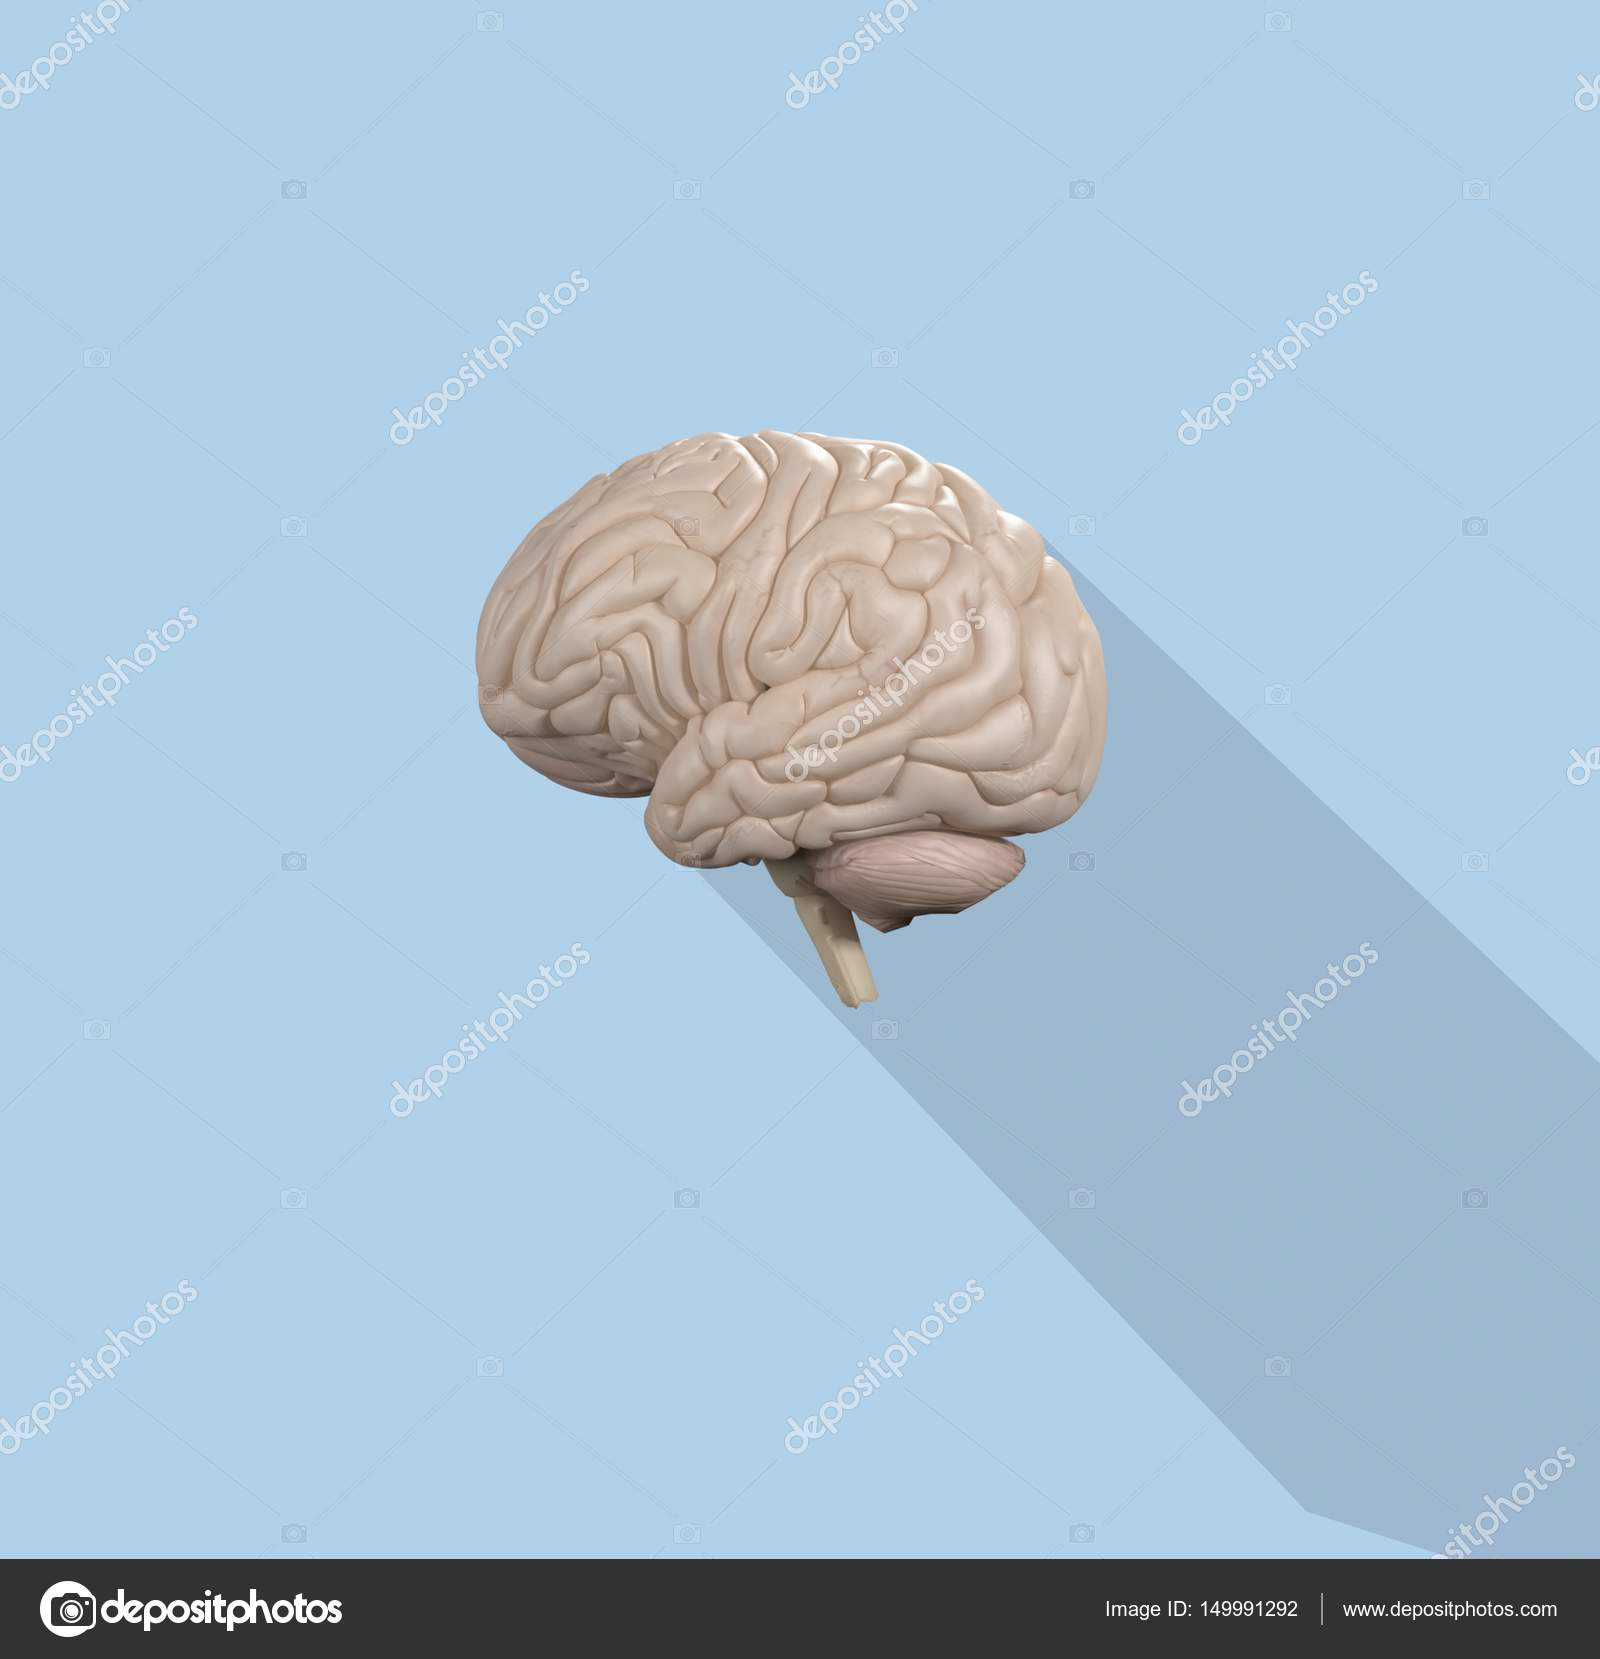 Menschliche Gehirn-Anatomie-Modell-Symbol — Stockfoto ...